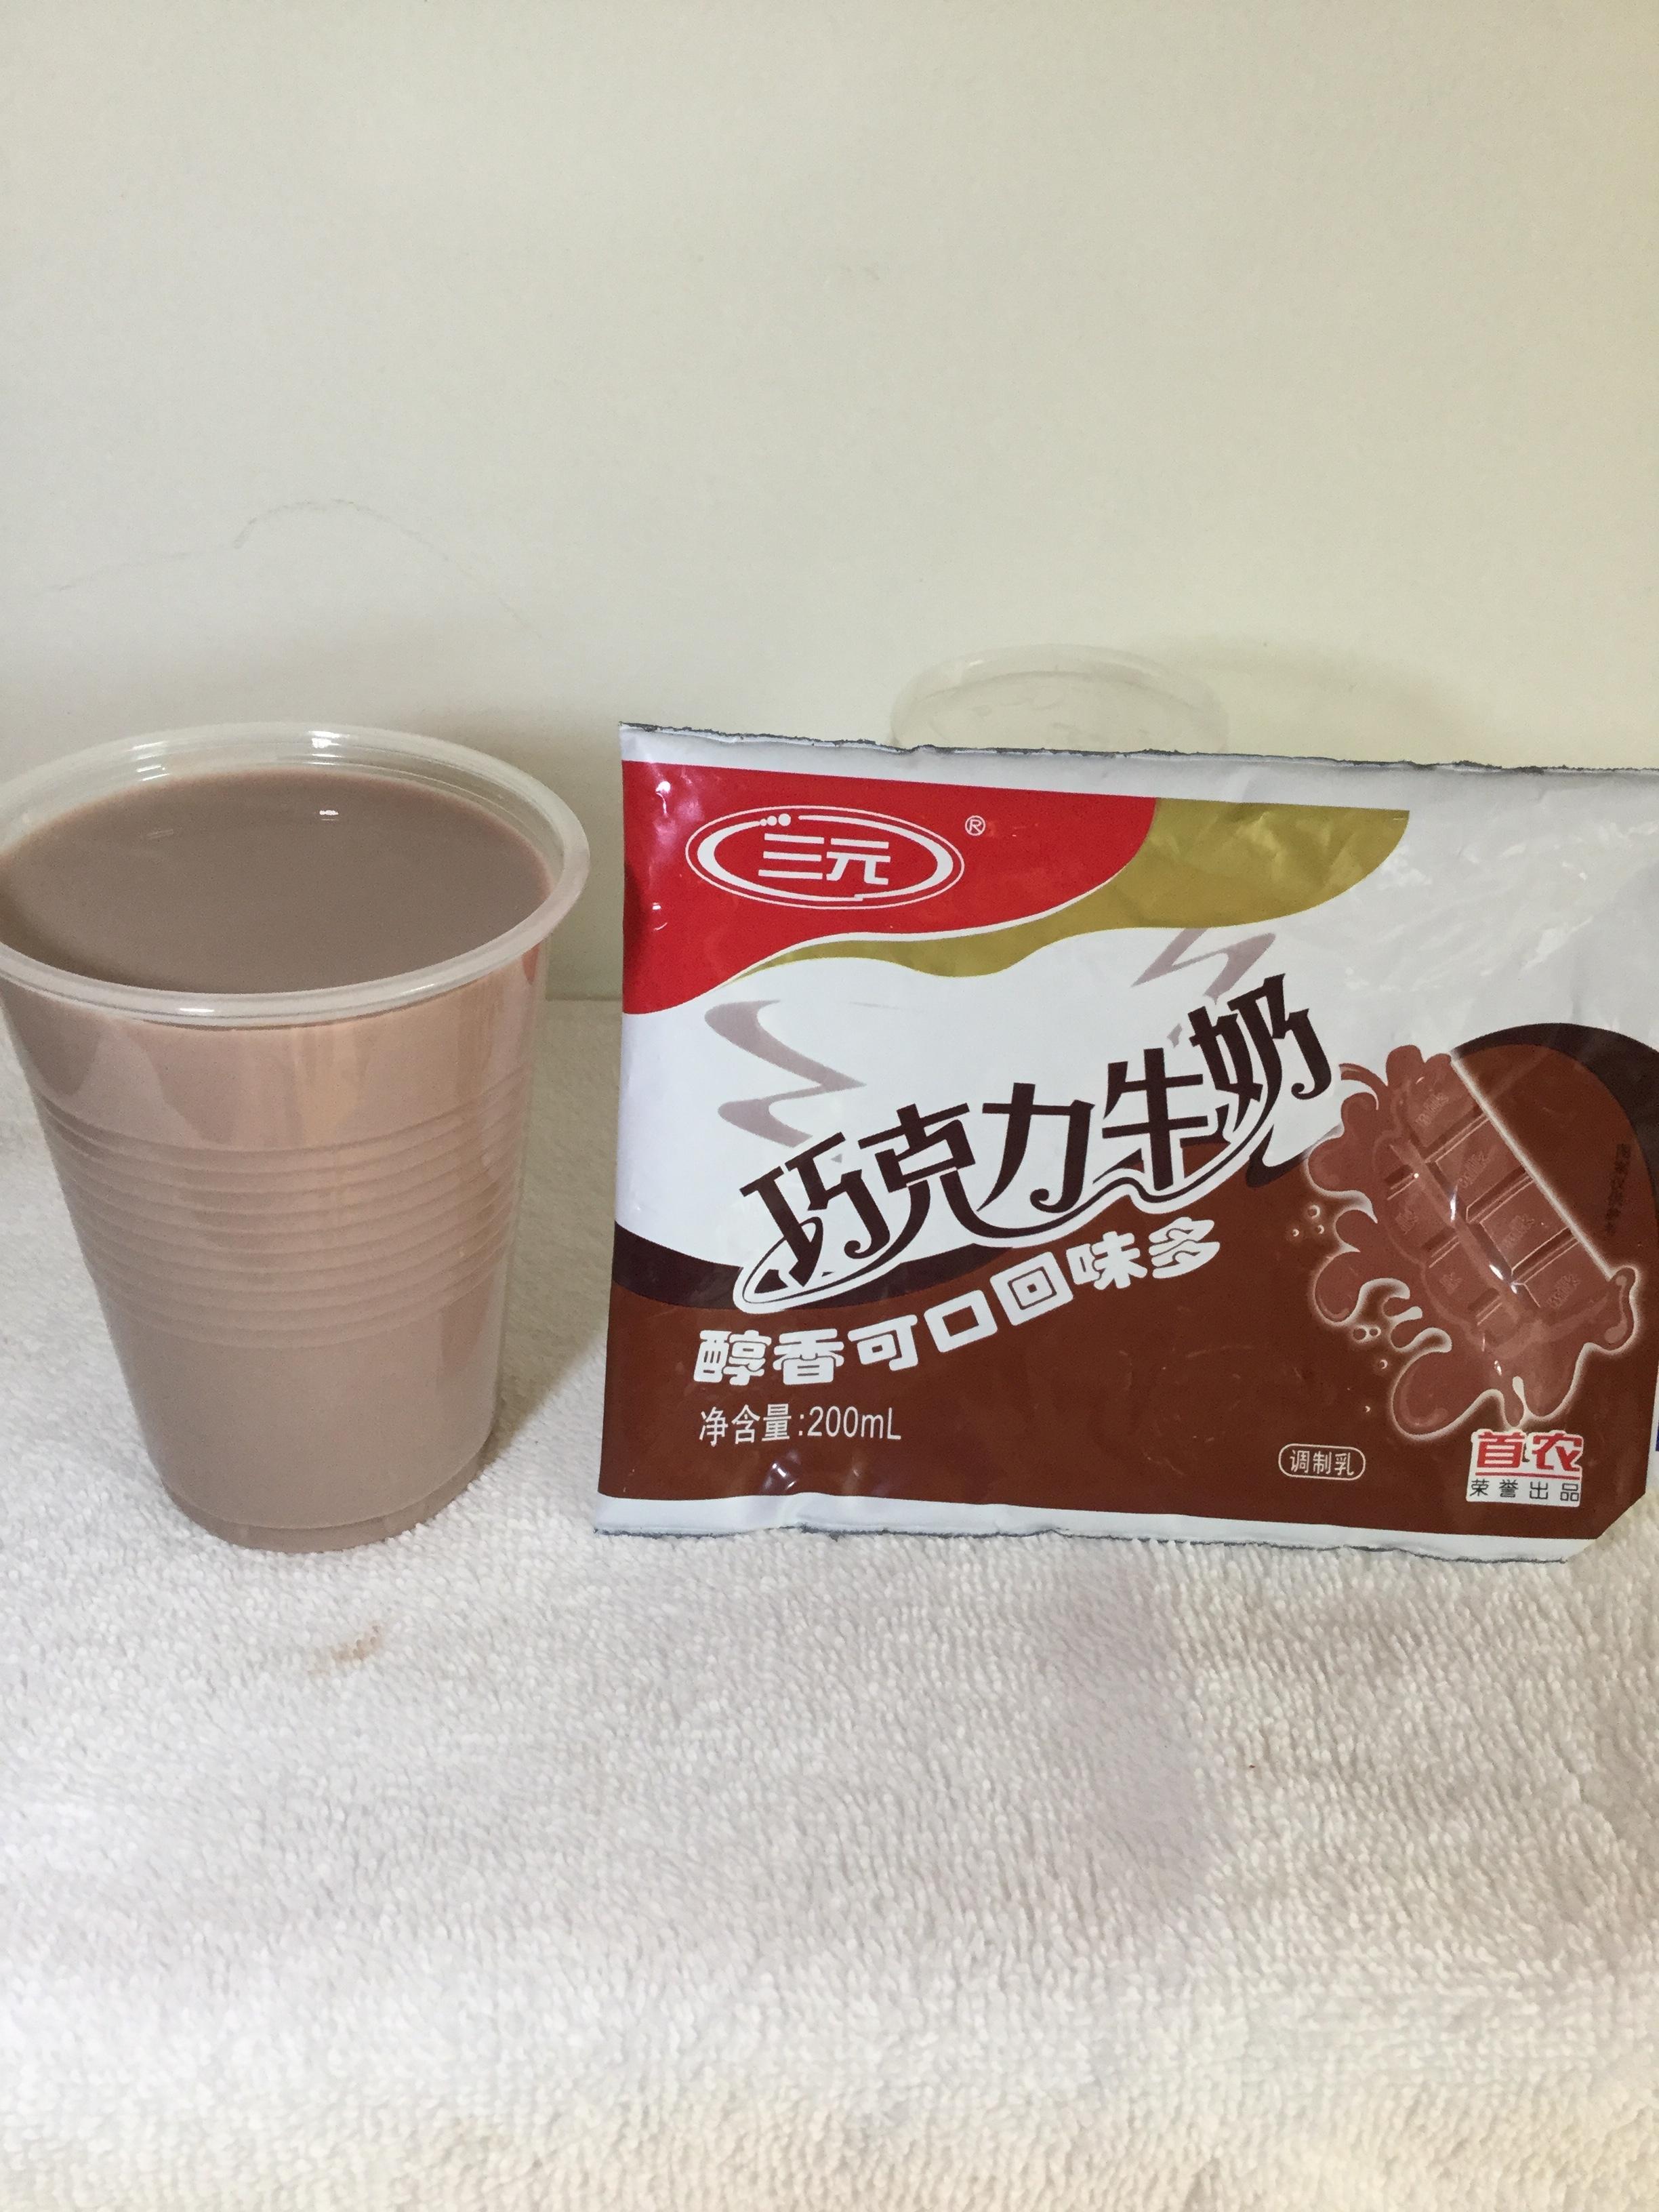 San Yuan Chocolate Milk (200mL bag) Cup